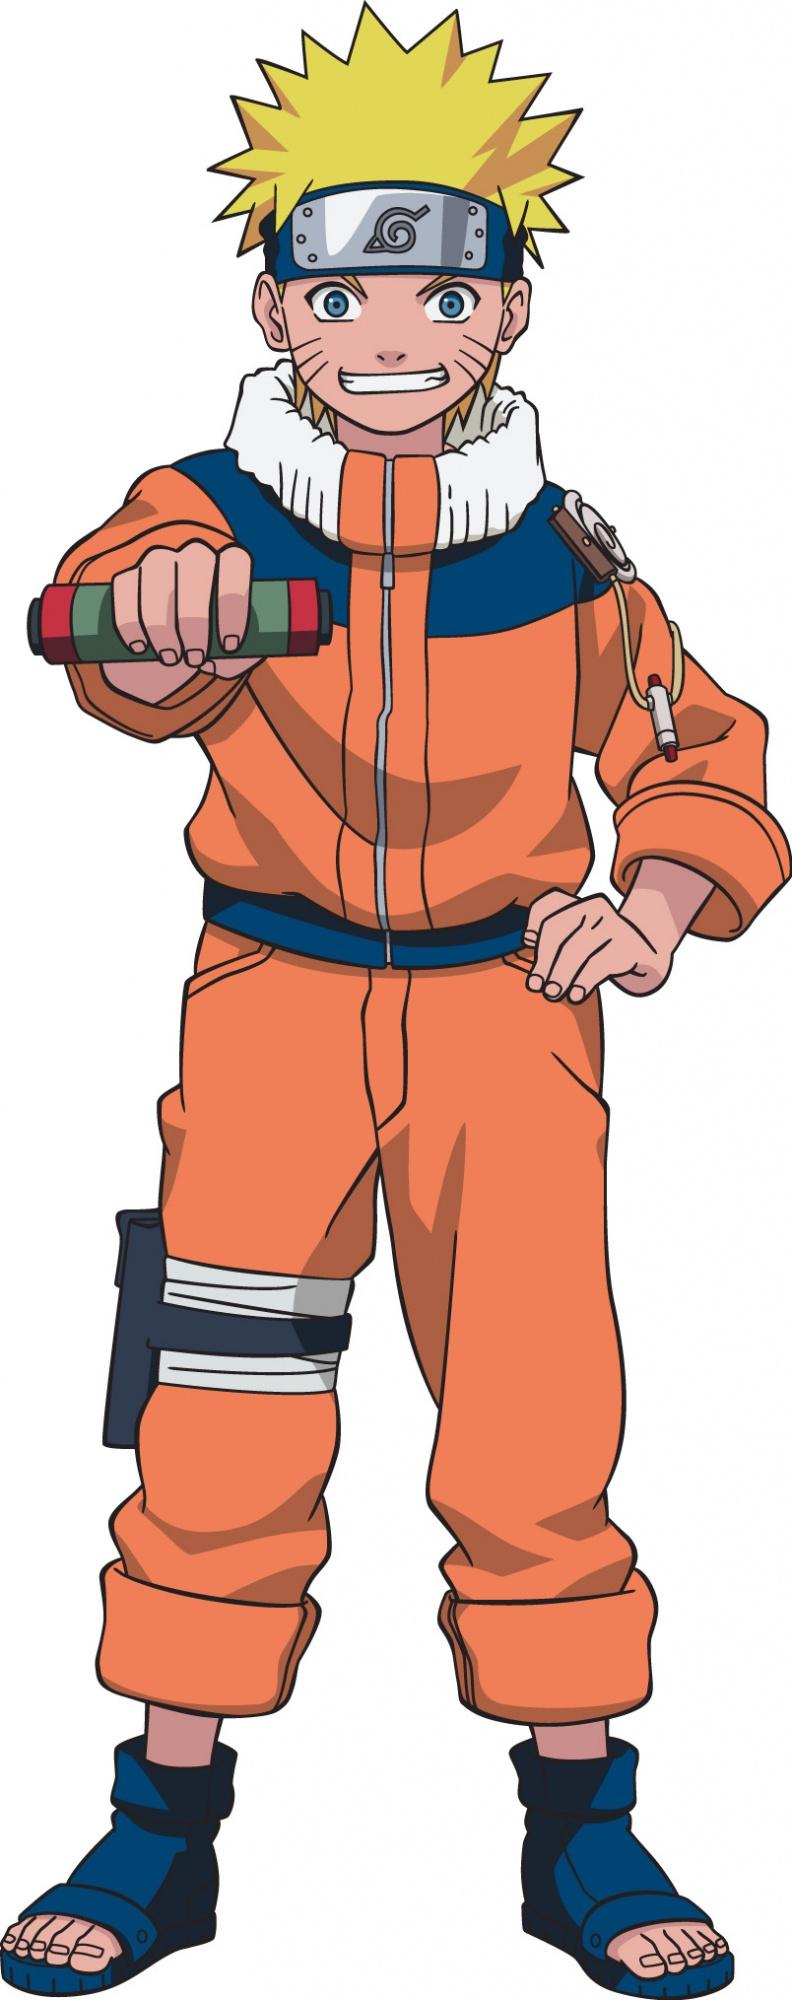 Uzumaki Naruto - My Anime Shelf